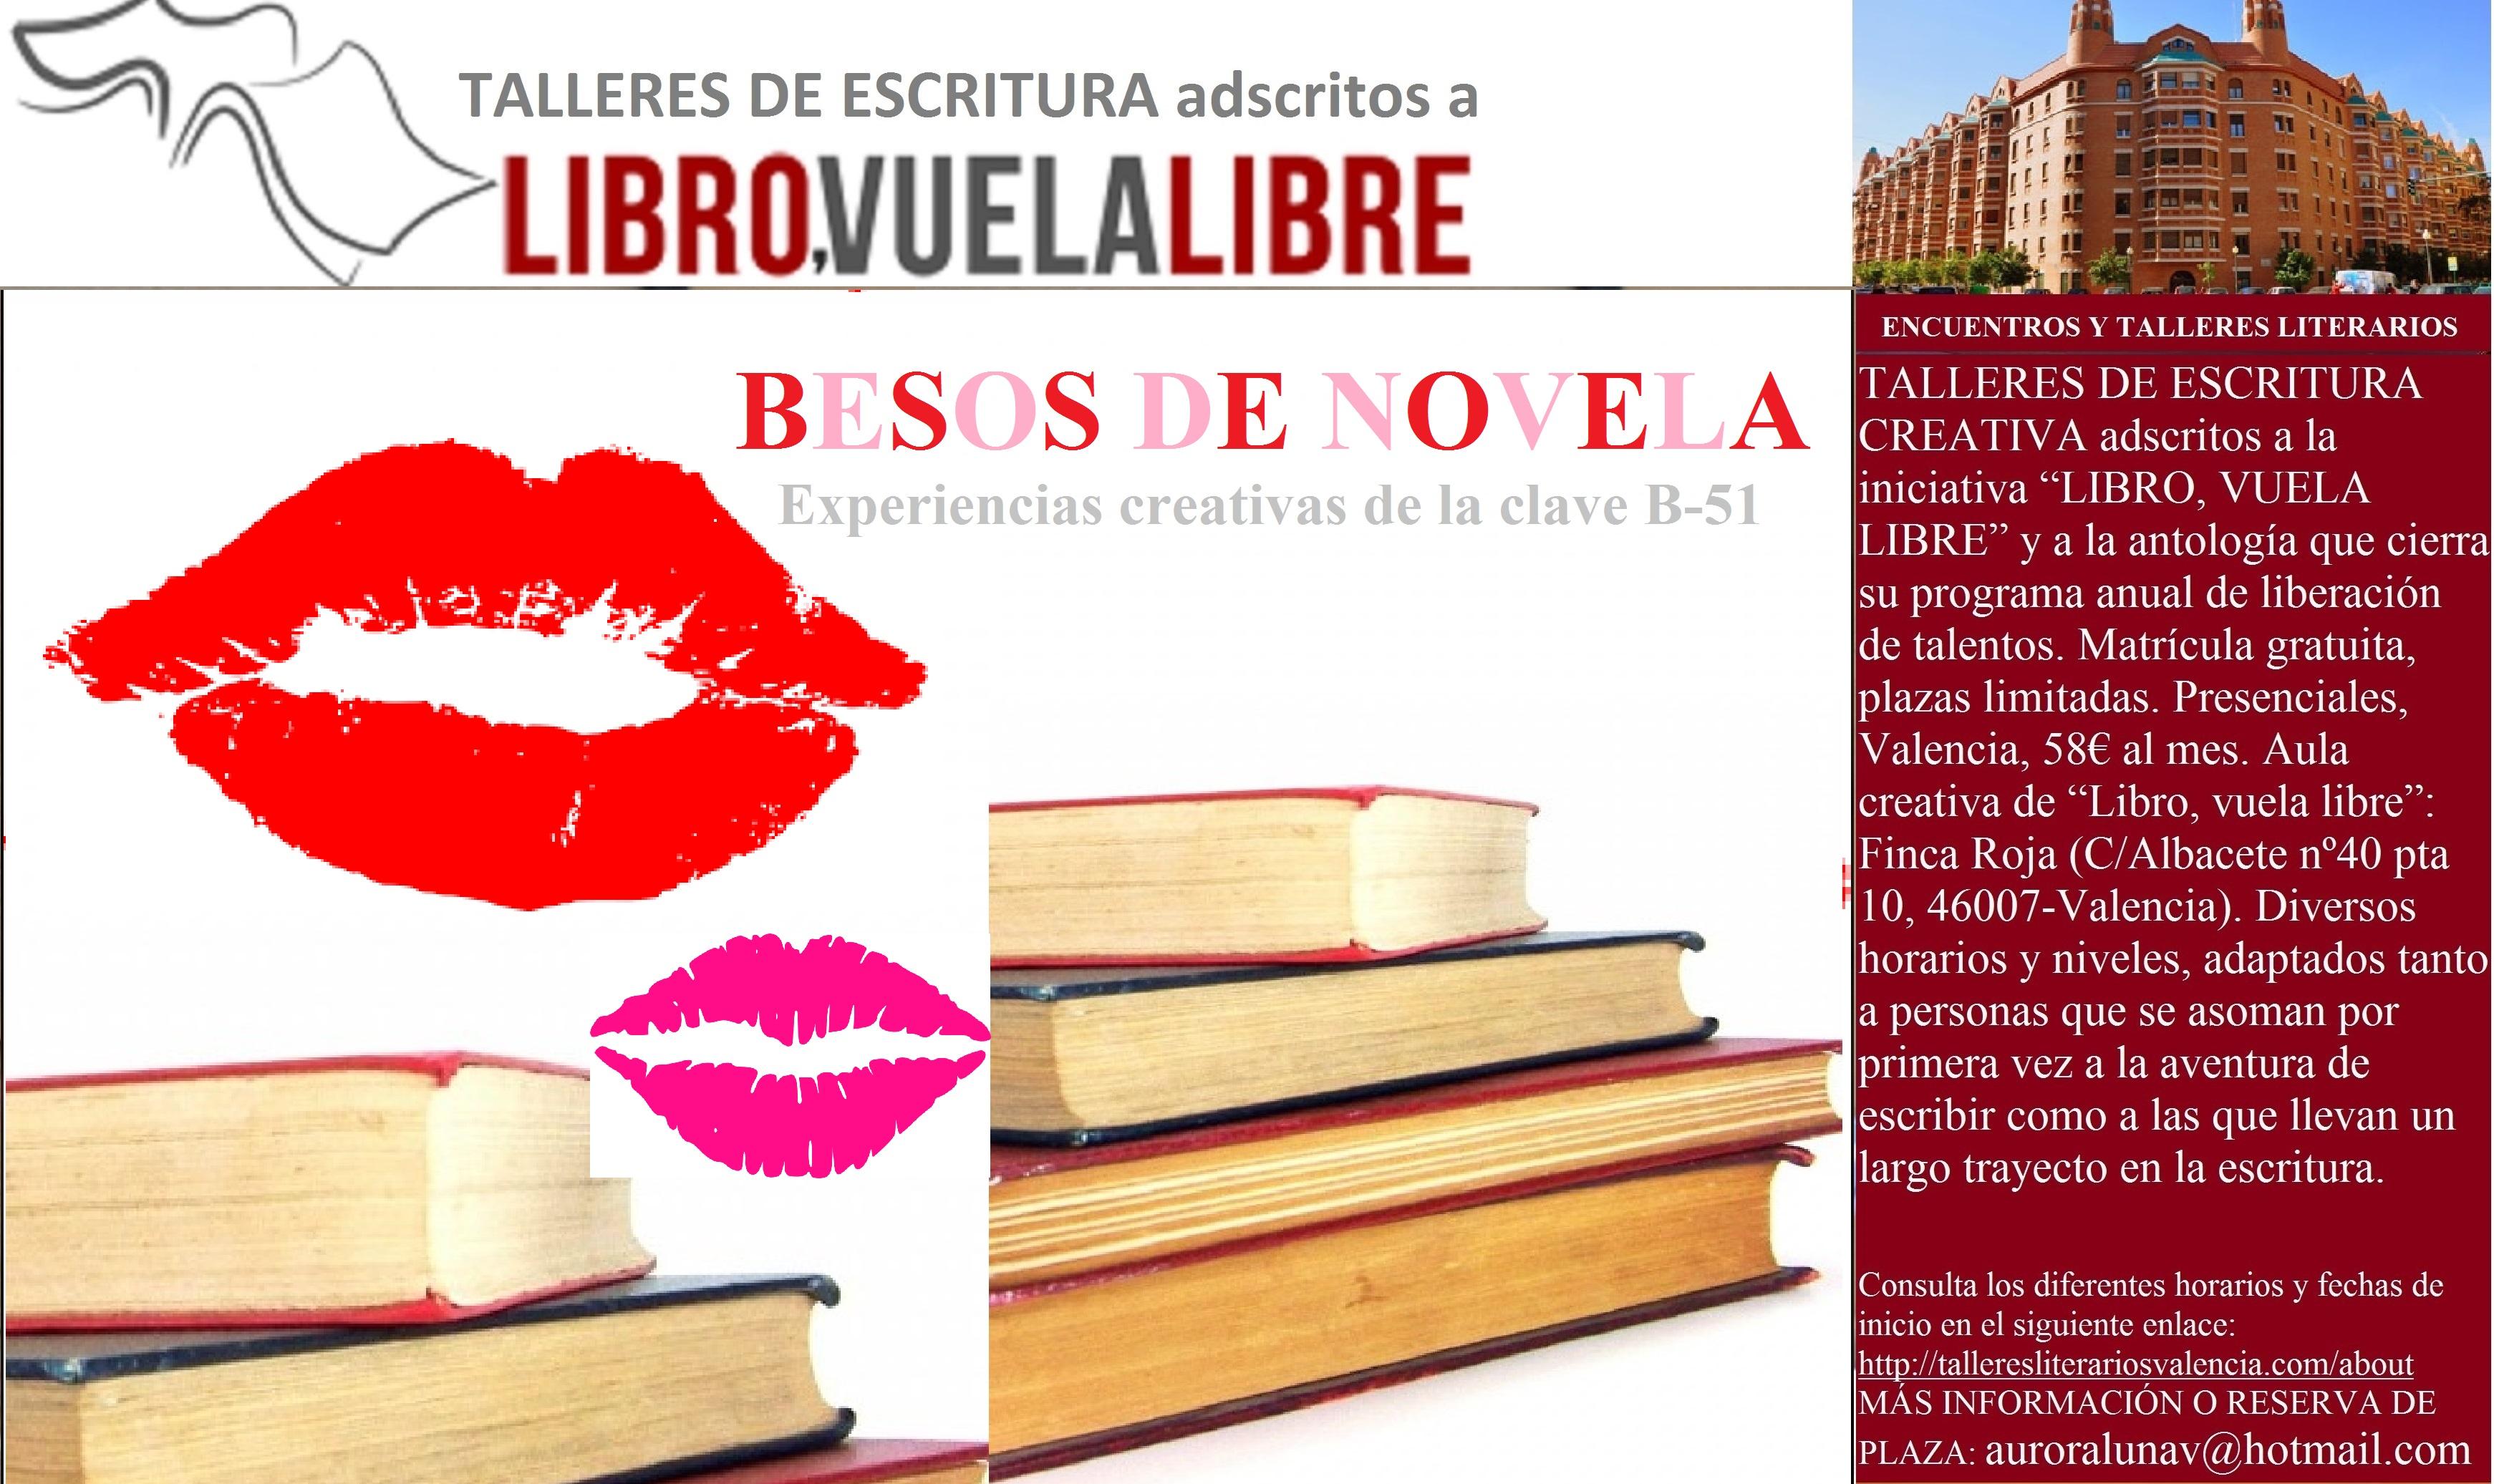 BESOS DE NOVELA. Cursos y talleres de escritura en Valencia. Clave B-51